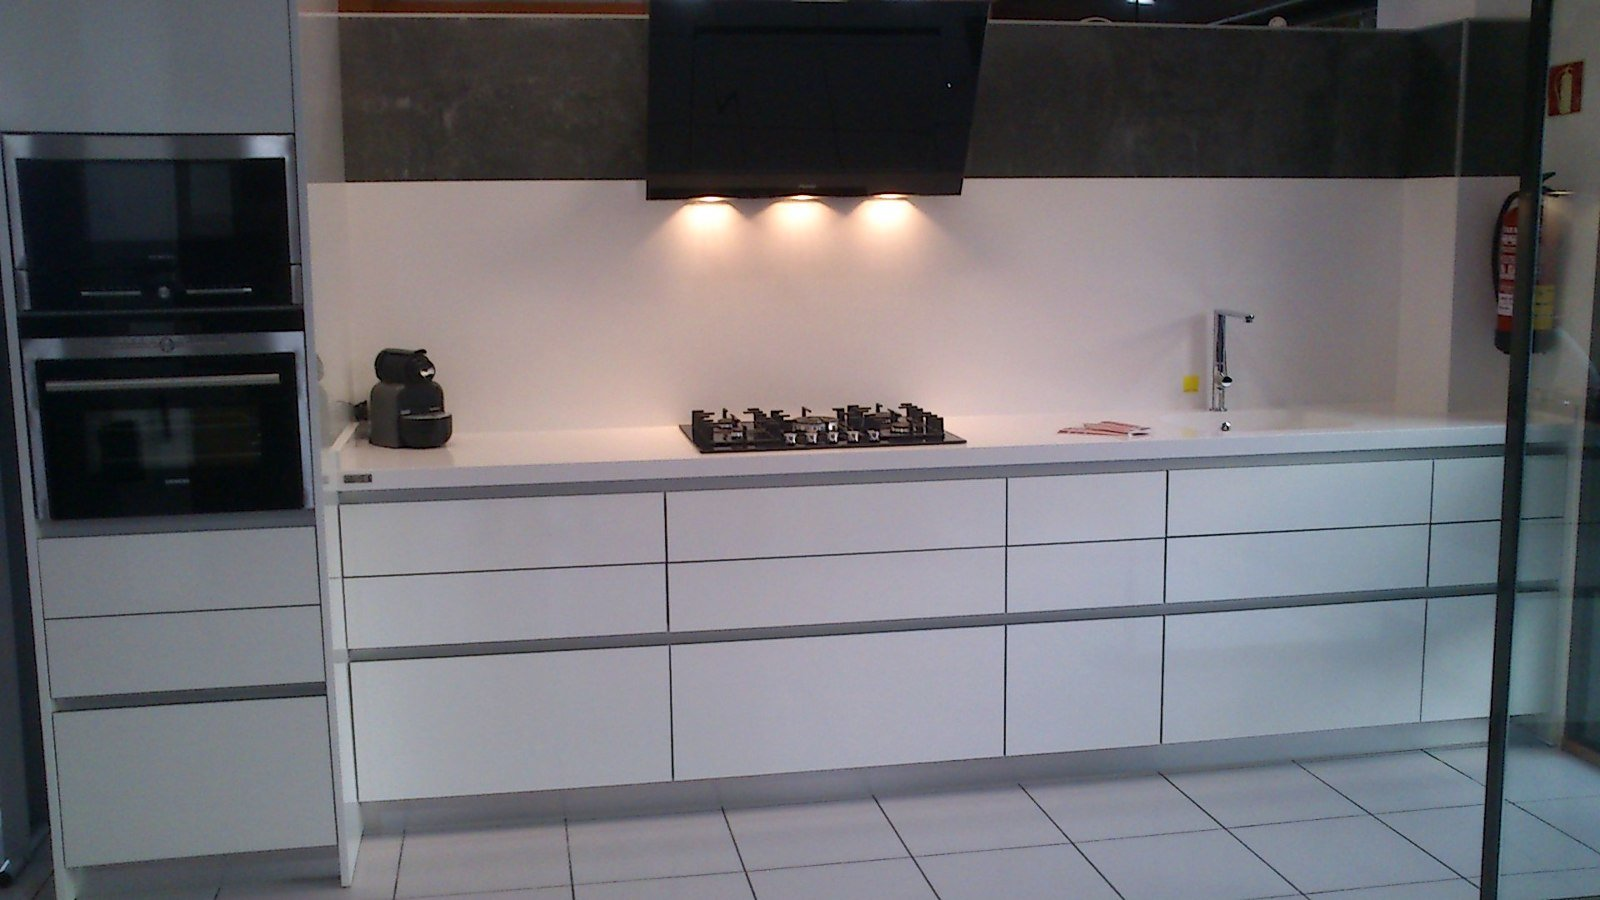 Programa para dise ar cocinas gratis un blog sobre for Programas de diseno de interiores 3d gratis